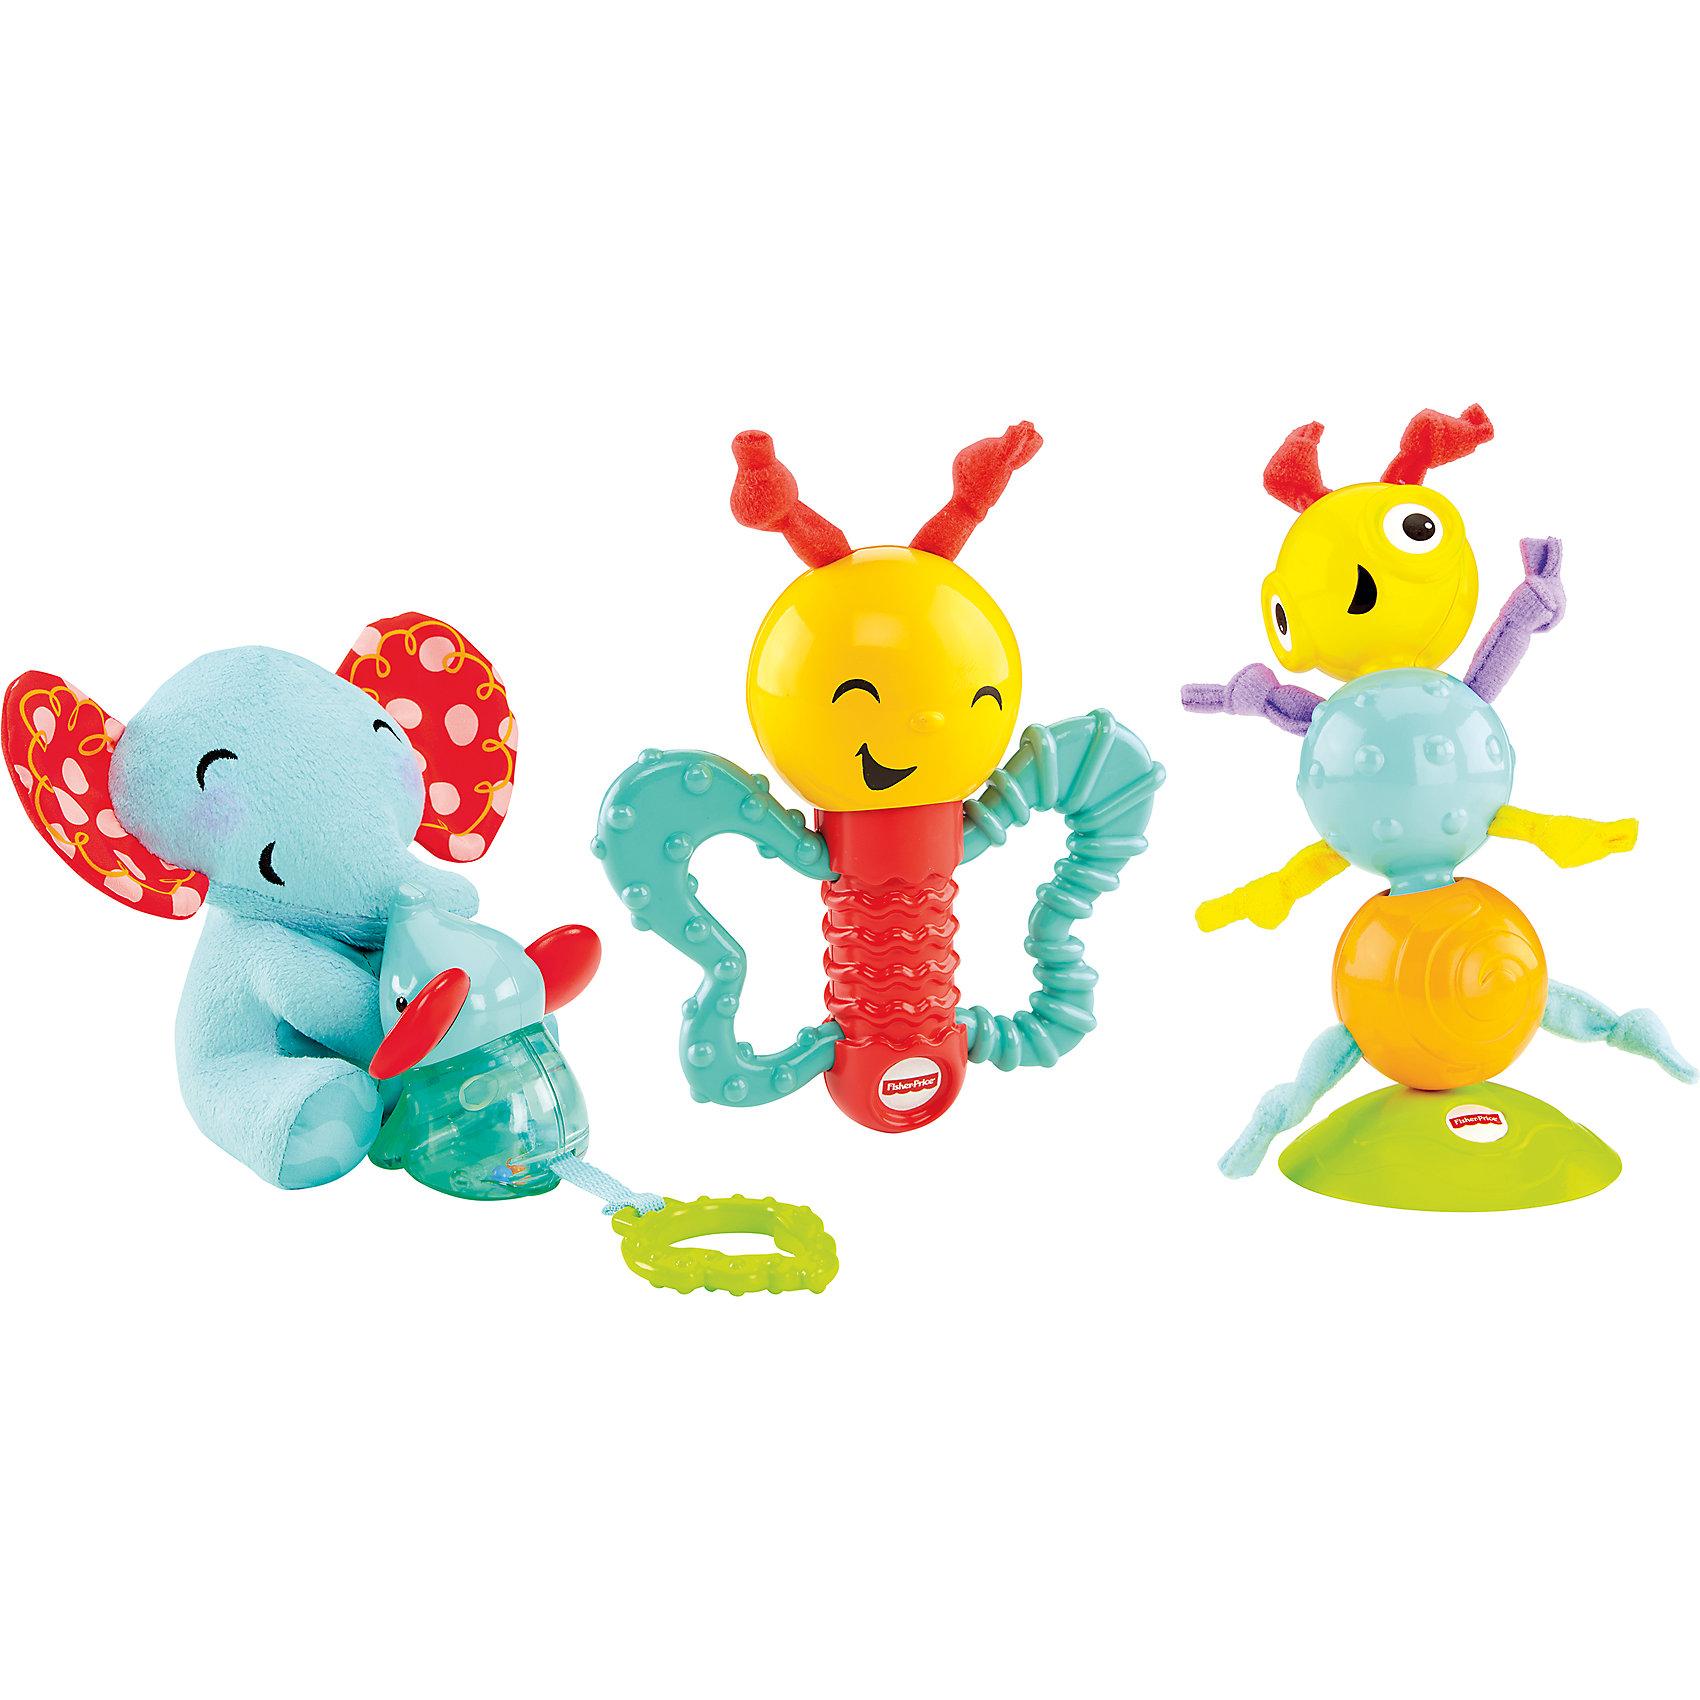 Mattel Игровой набор Веселые друзья, Fisher-Price игровые наборы fisher price mattel игровой набор парящий фрегат